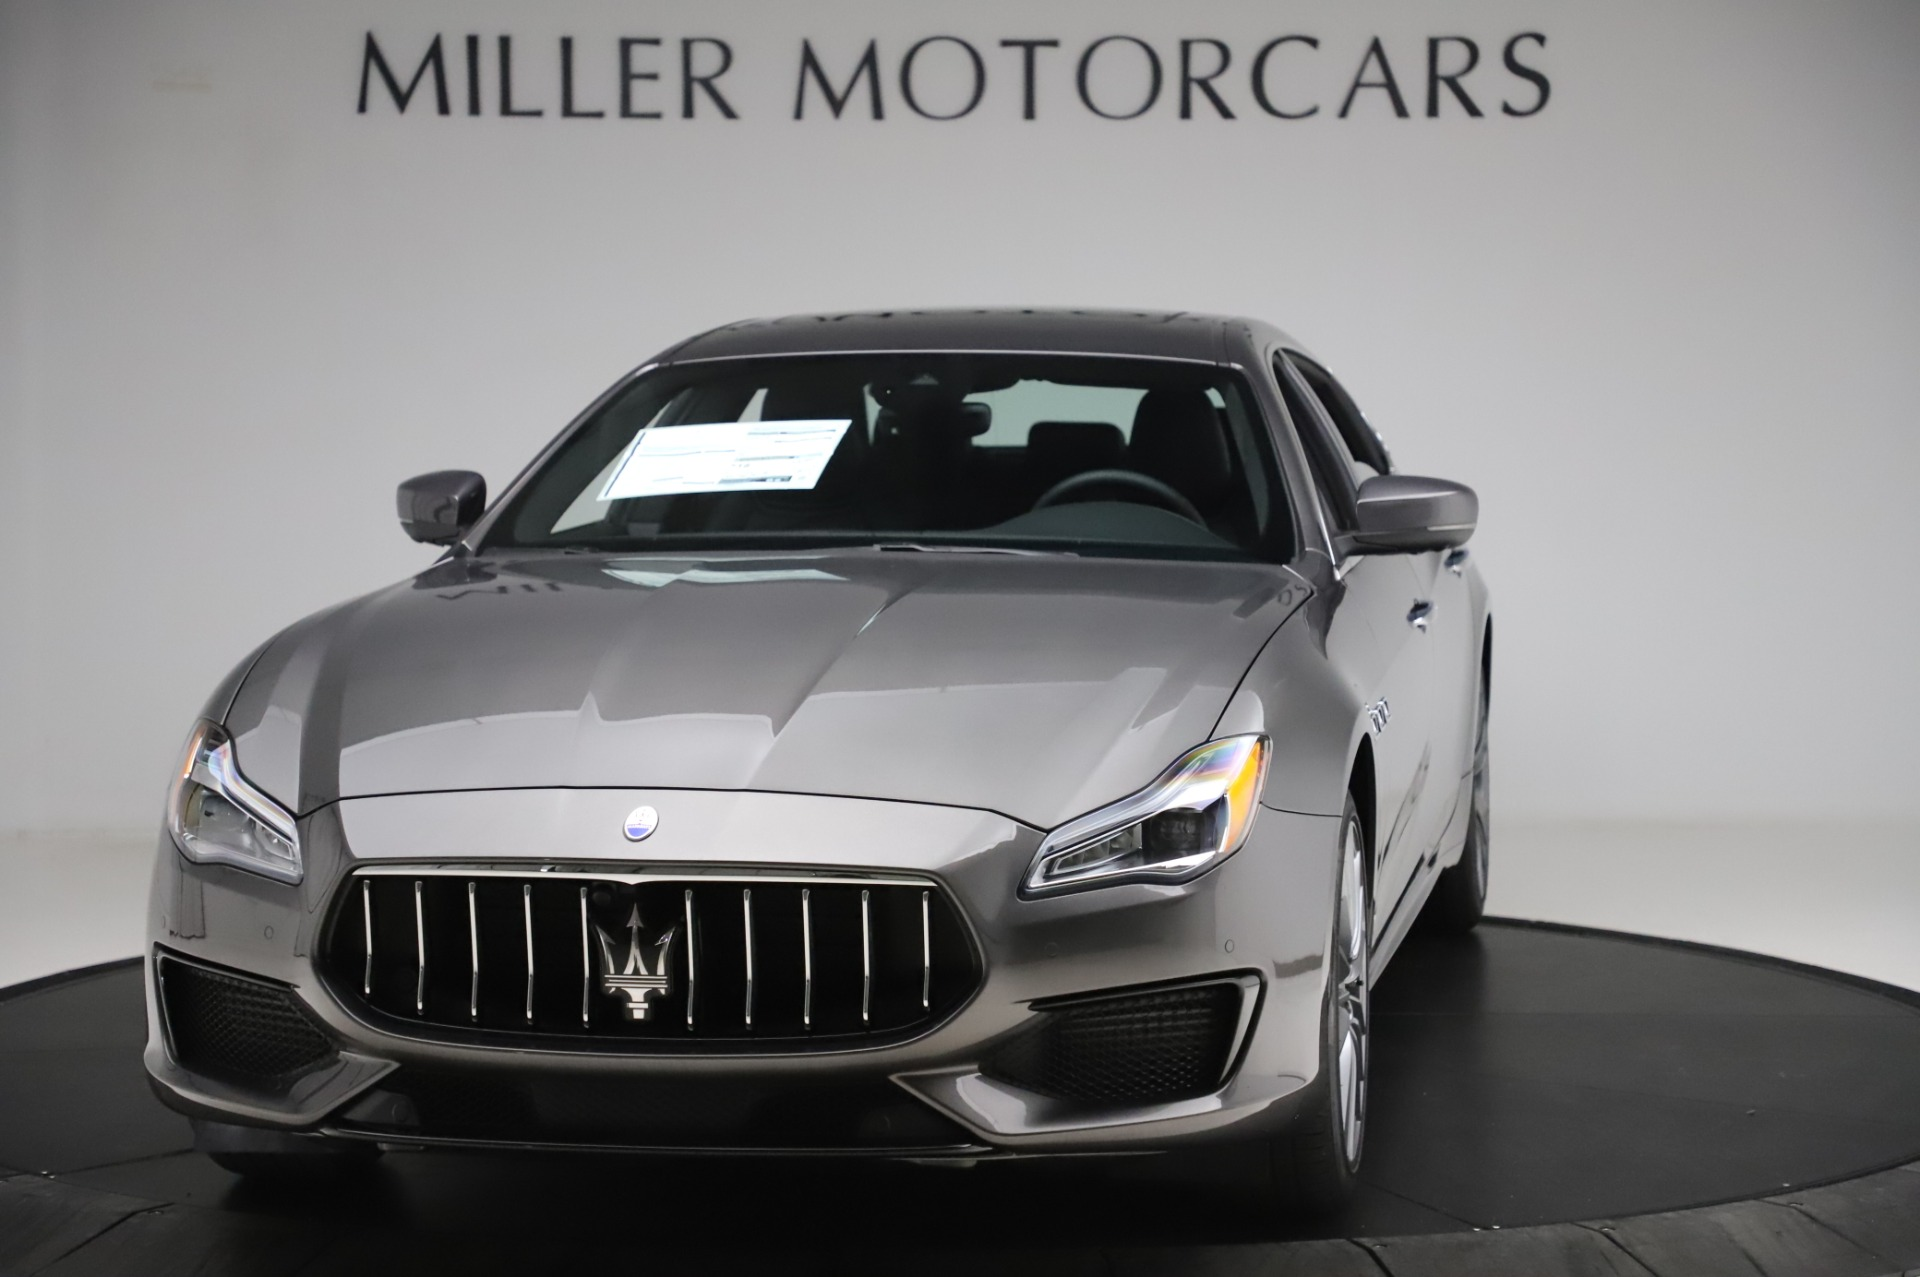 New 2020 Maserati Quattroporte S Q4 GranSport for sale $125,085 at Maserati of Greenwich in Greenwich CT 06830 1